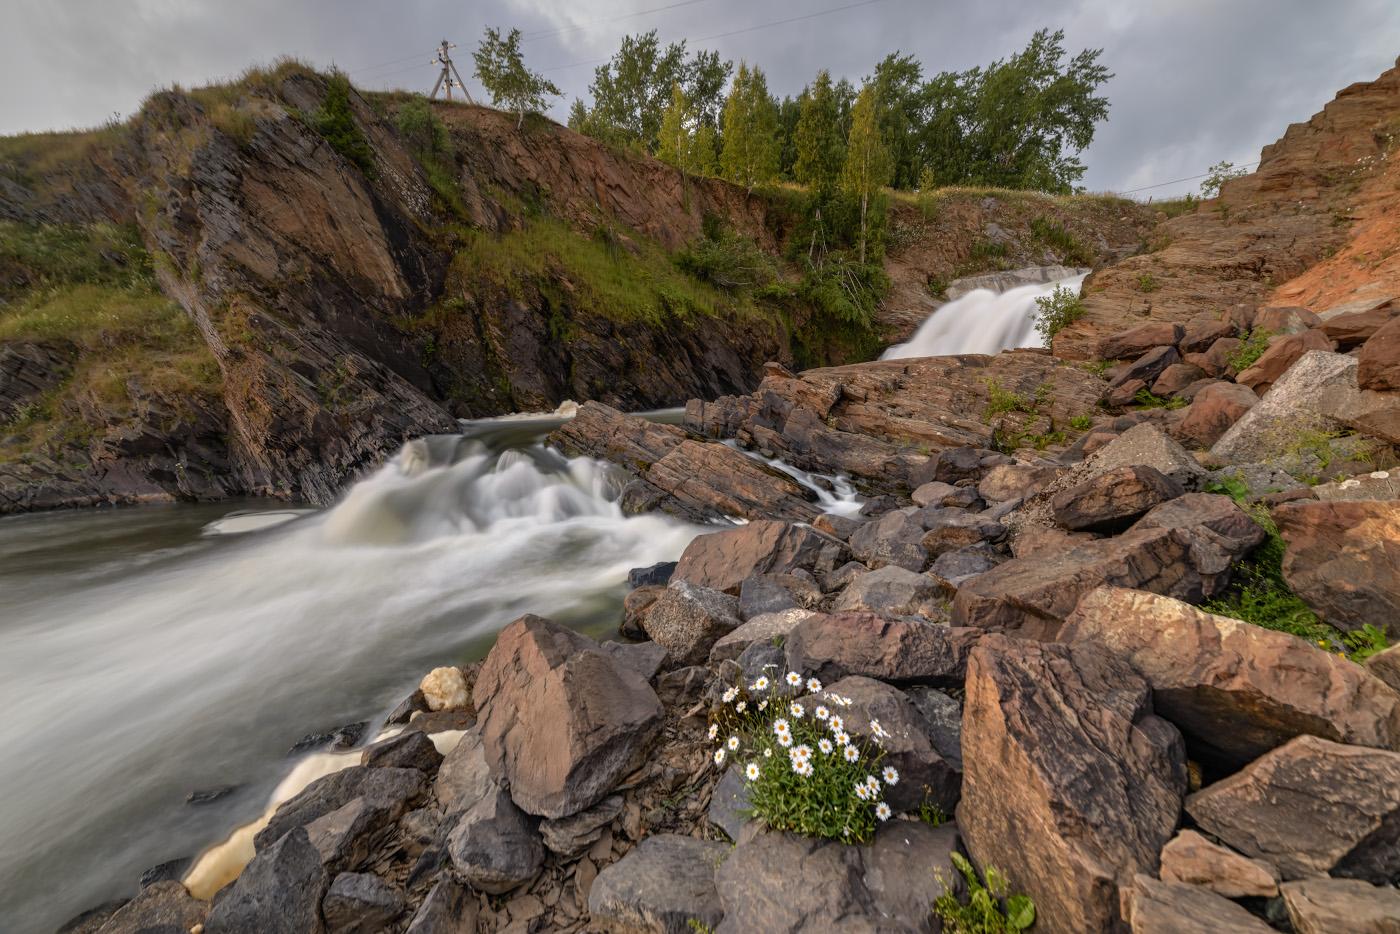 21. Так Висимо-Уткинский водопад выглядит ночью. HDR из 3-х кадров.